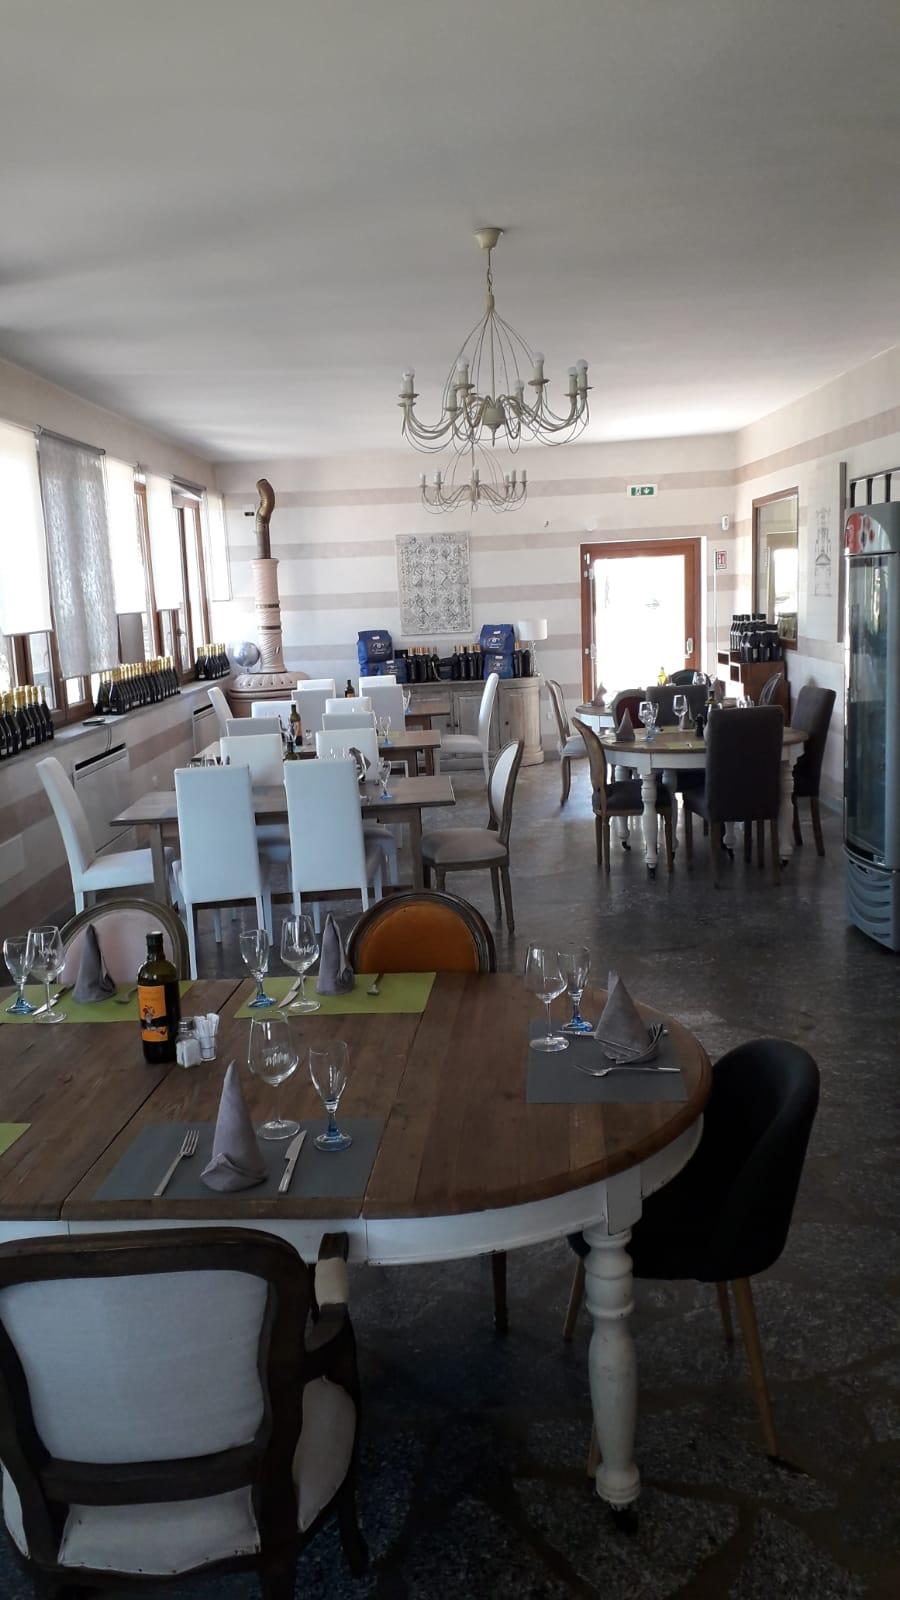 nakupenda Botteghe e ristoranti - Nakupenda a Castello d'Agogna, in Lomellina. Una bella idea per una gita senza traffico, con sosta al ristorante 10/08/2020